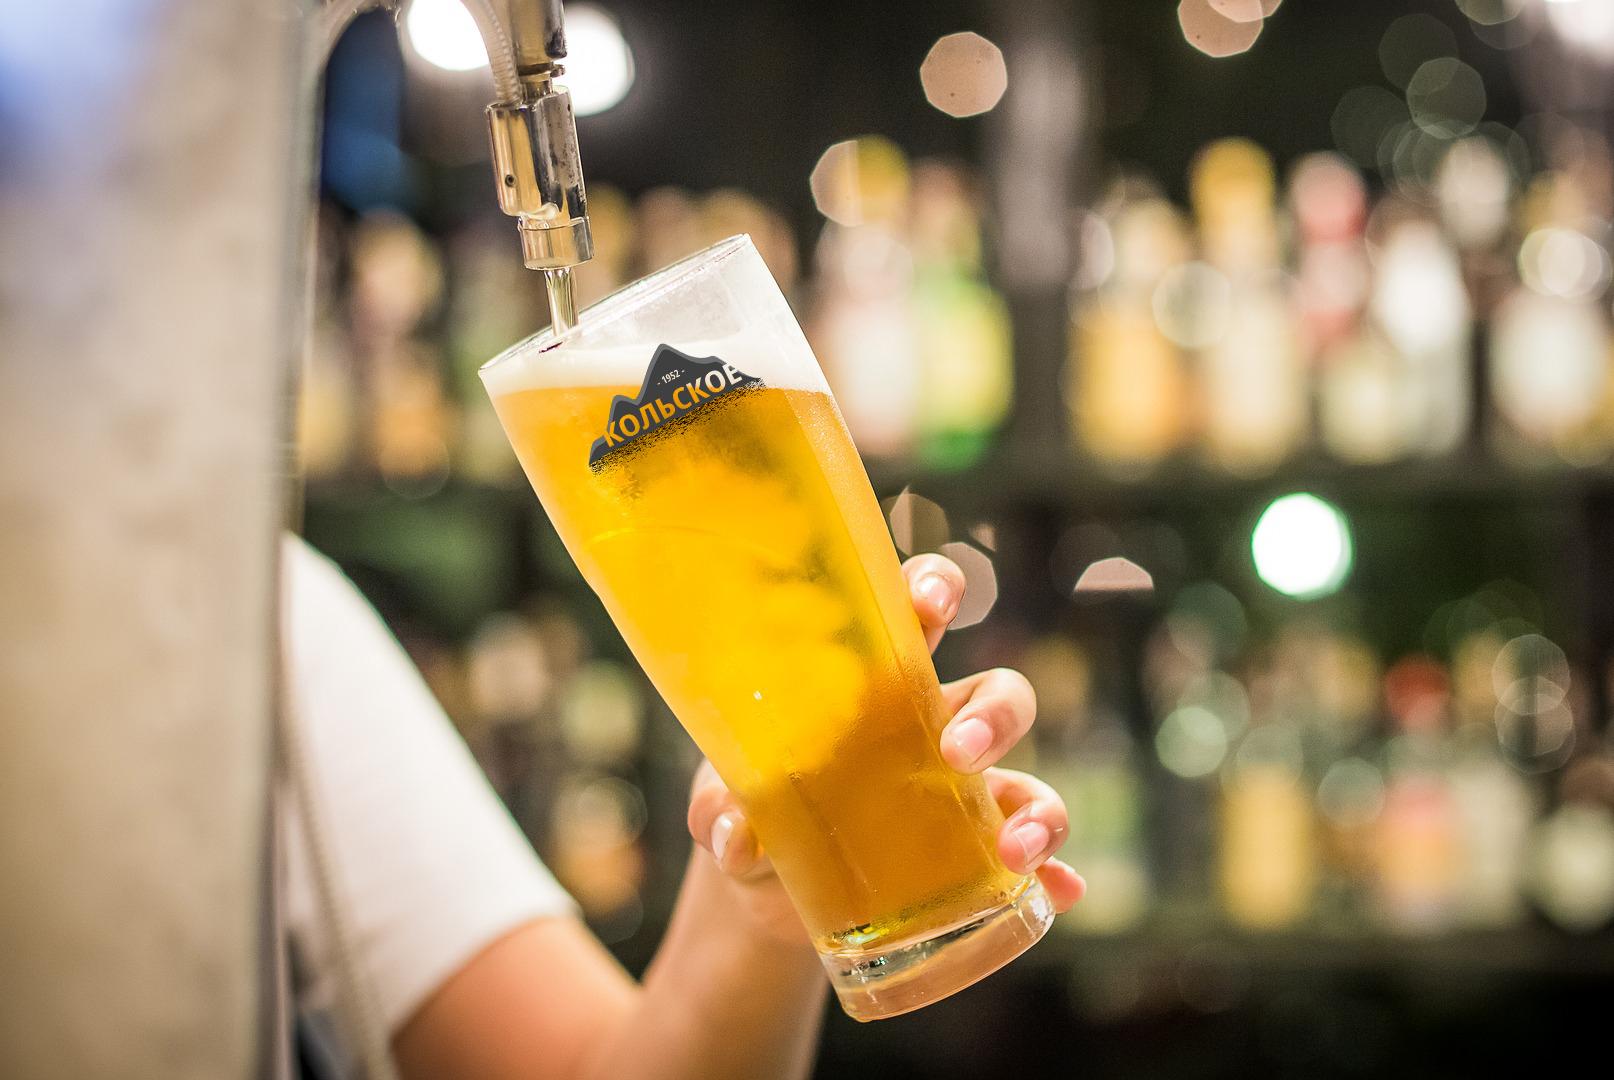 Кольское пиво — возрождение легенды в новом дизайне